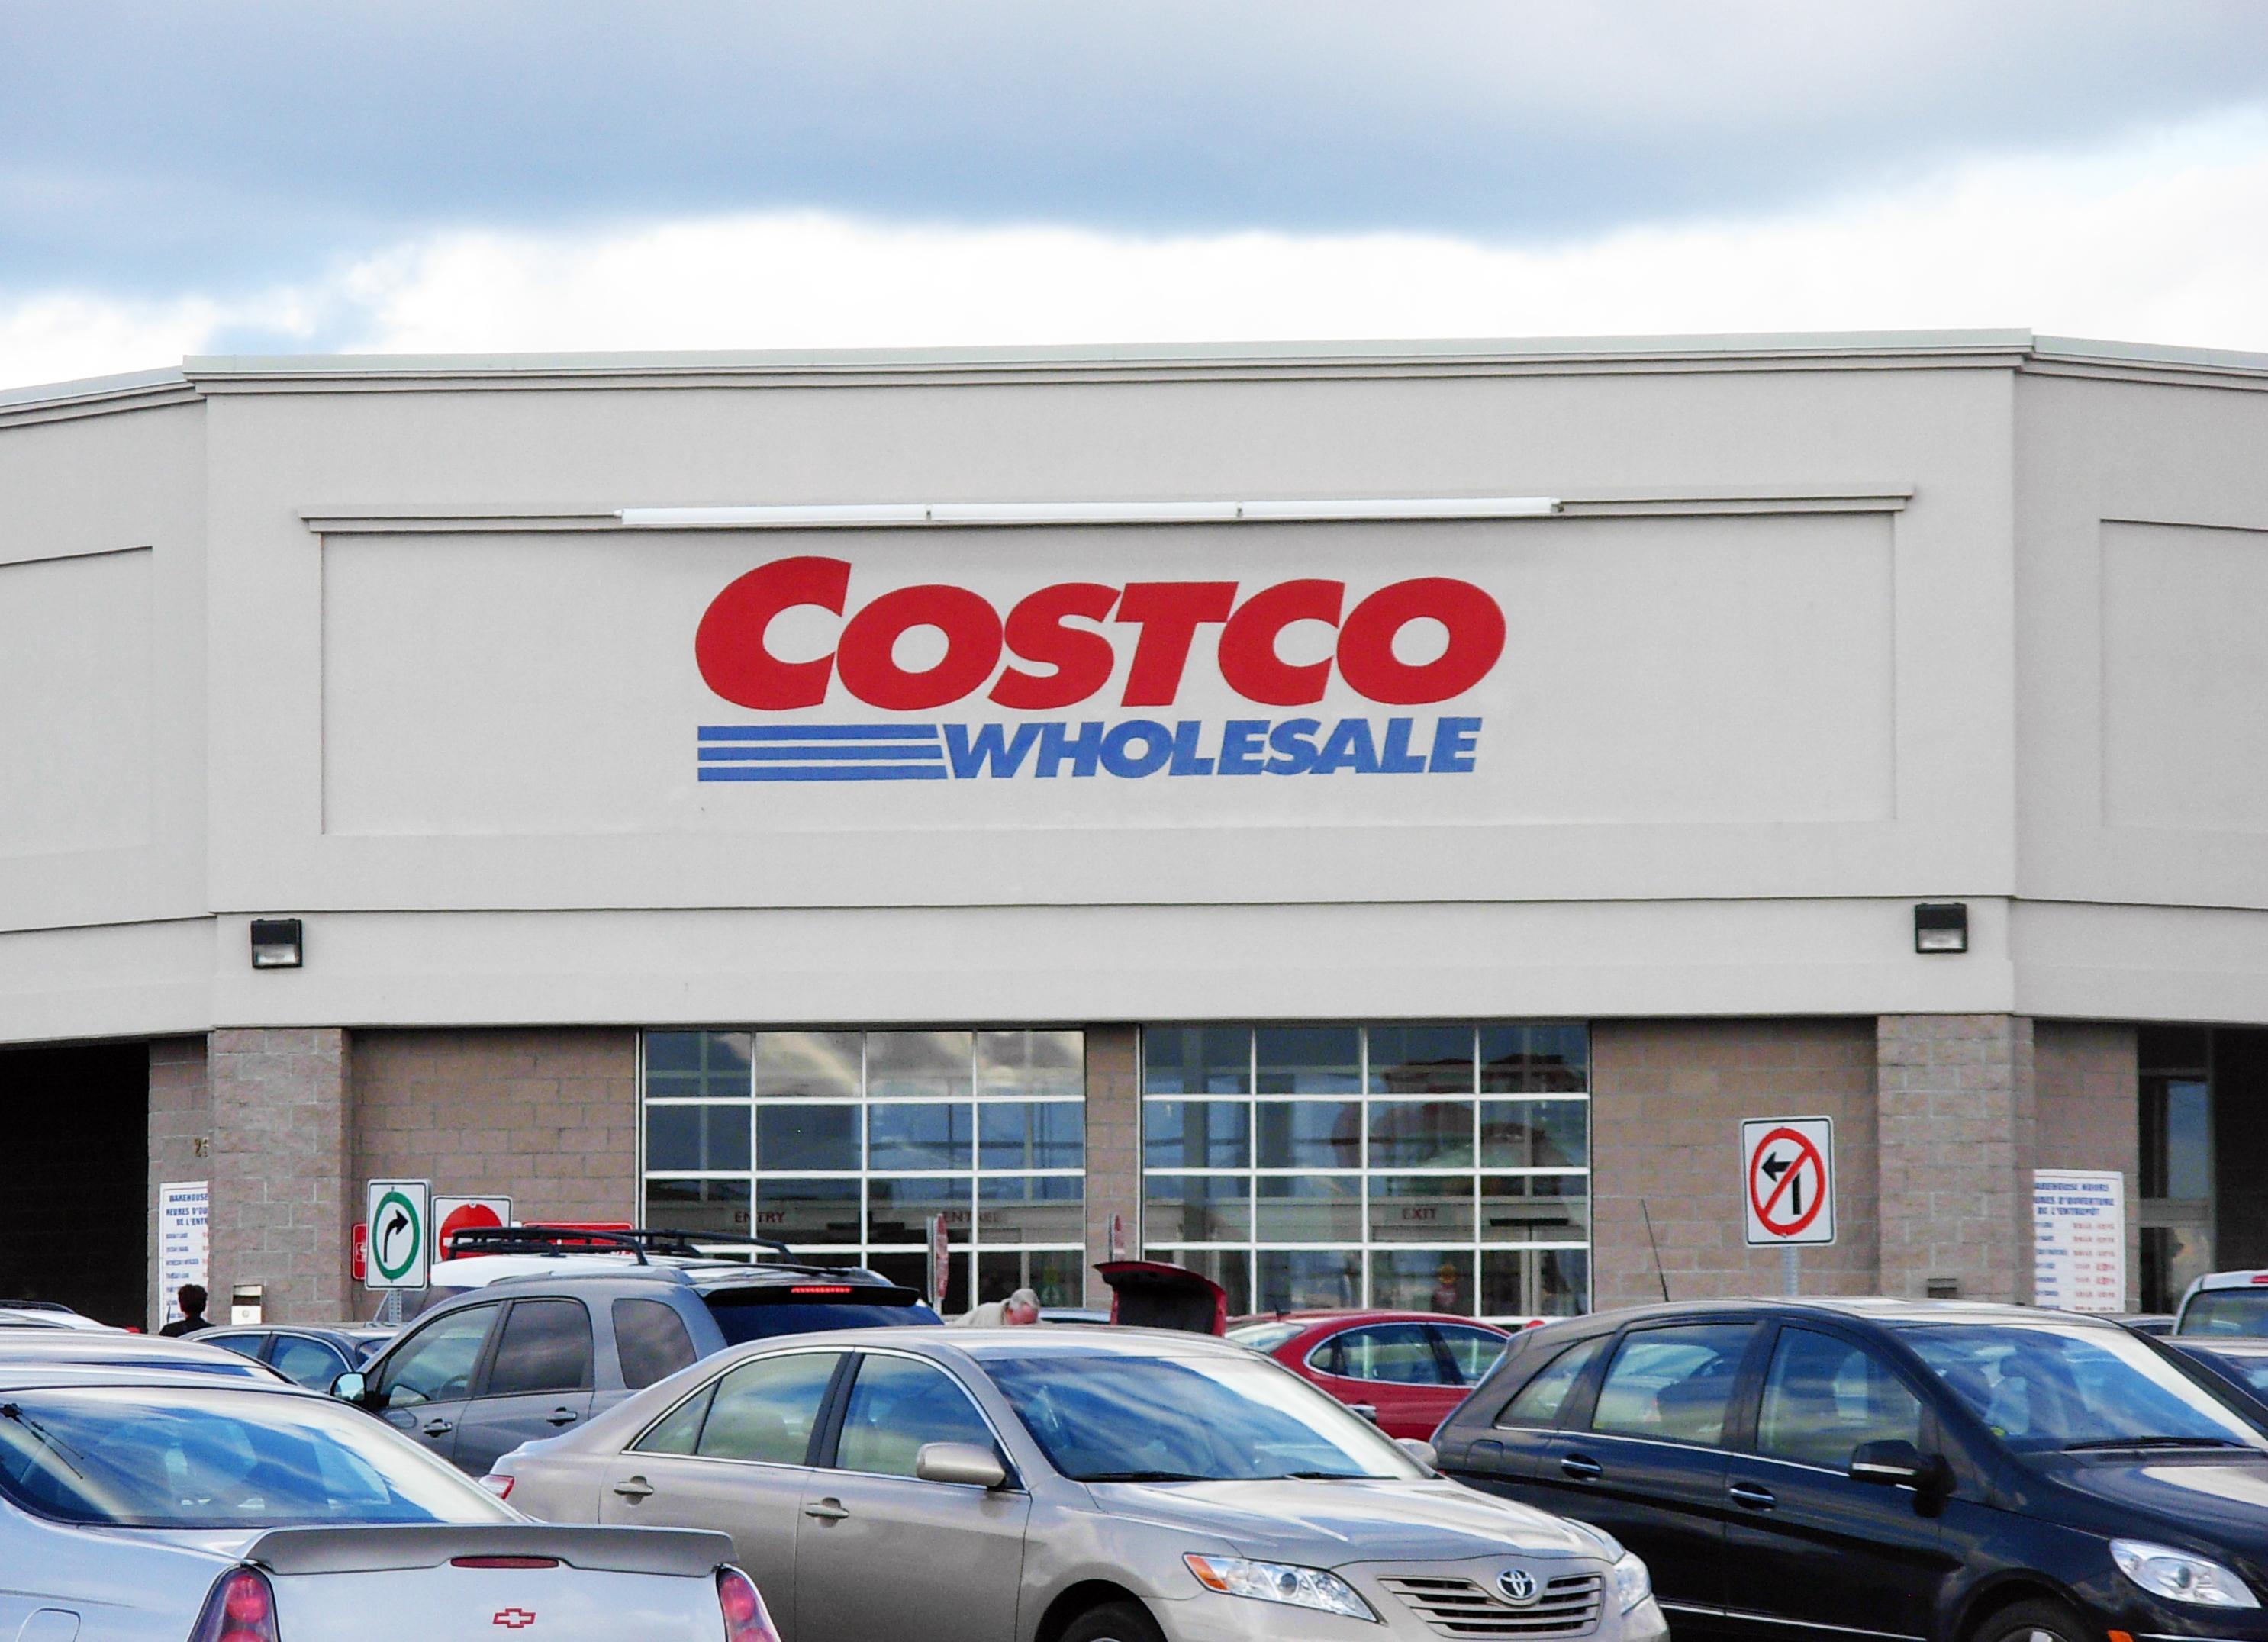 Le géant américain de la distribution Costco s'installe en France